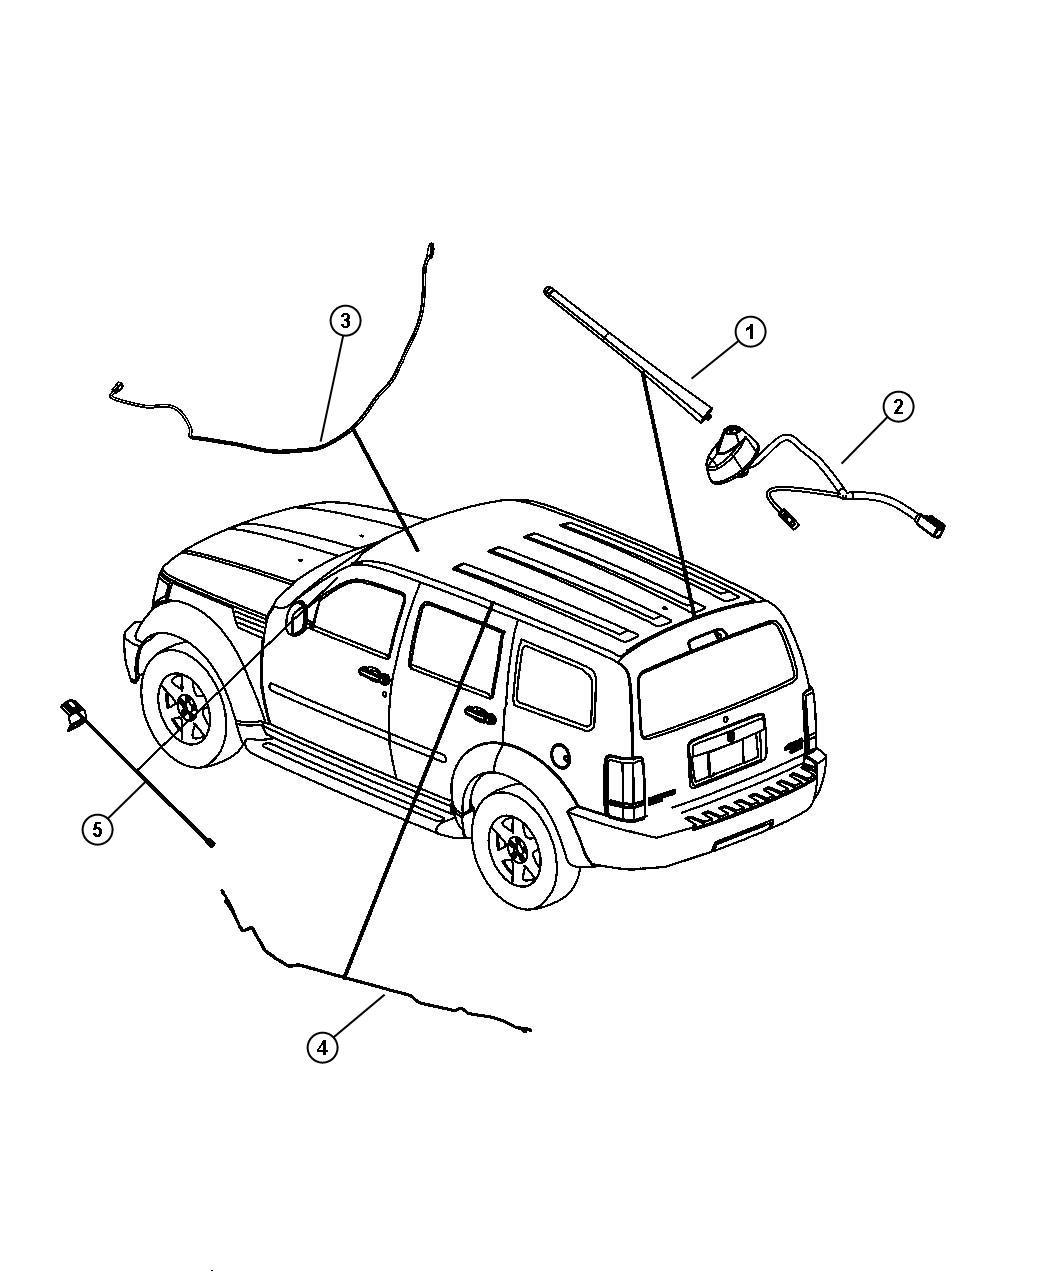 Dodge Nitro Mast. Antenna. [fixed long mast antenna